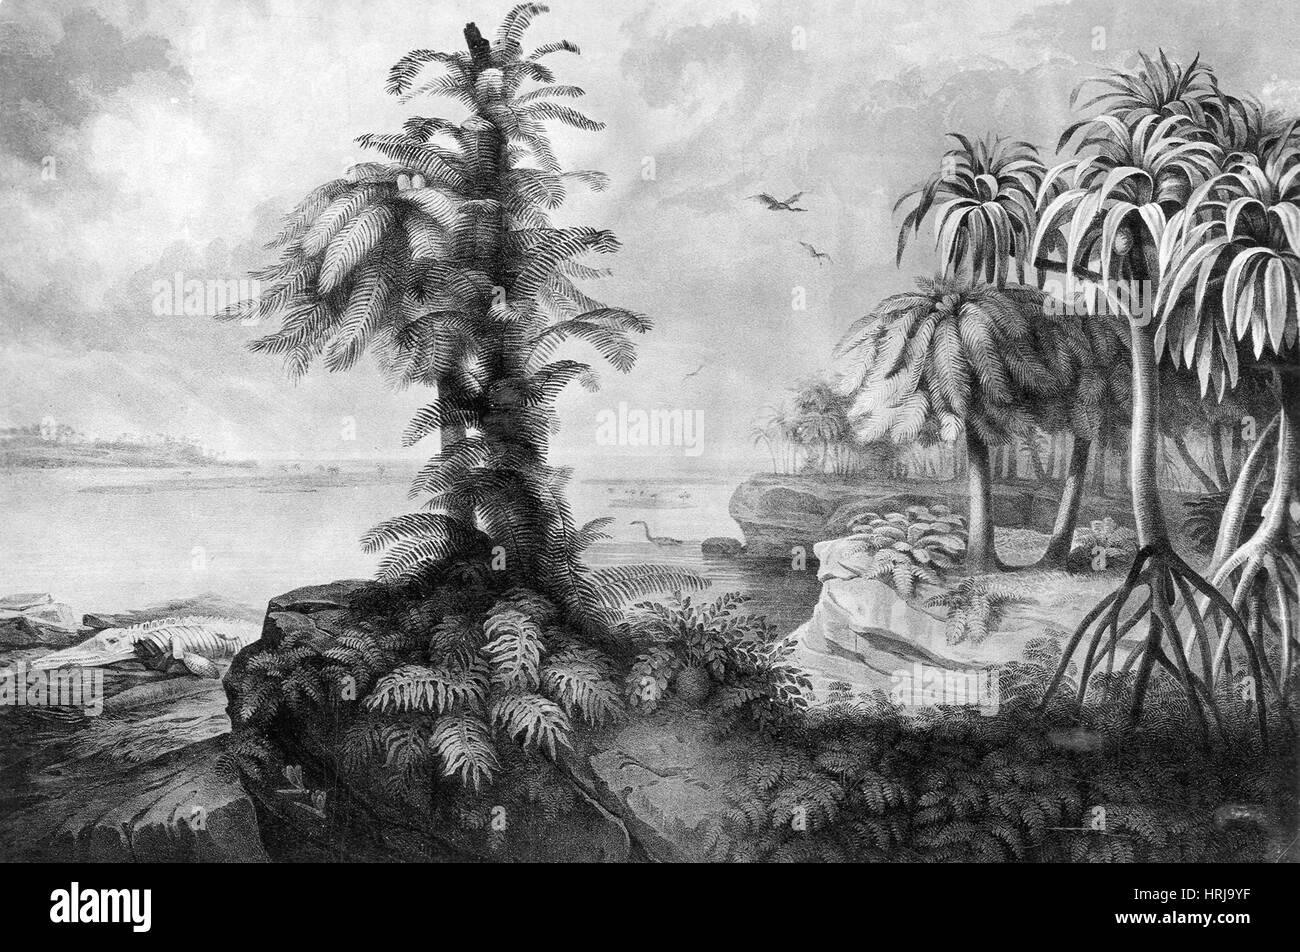 Prehistóricos, paisaje jurásico Imagen De Stock